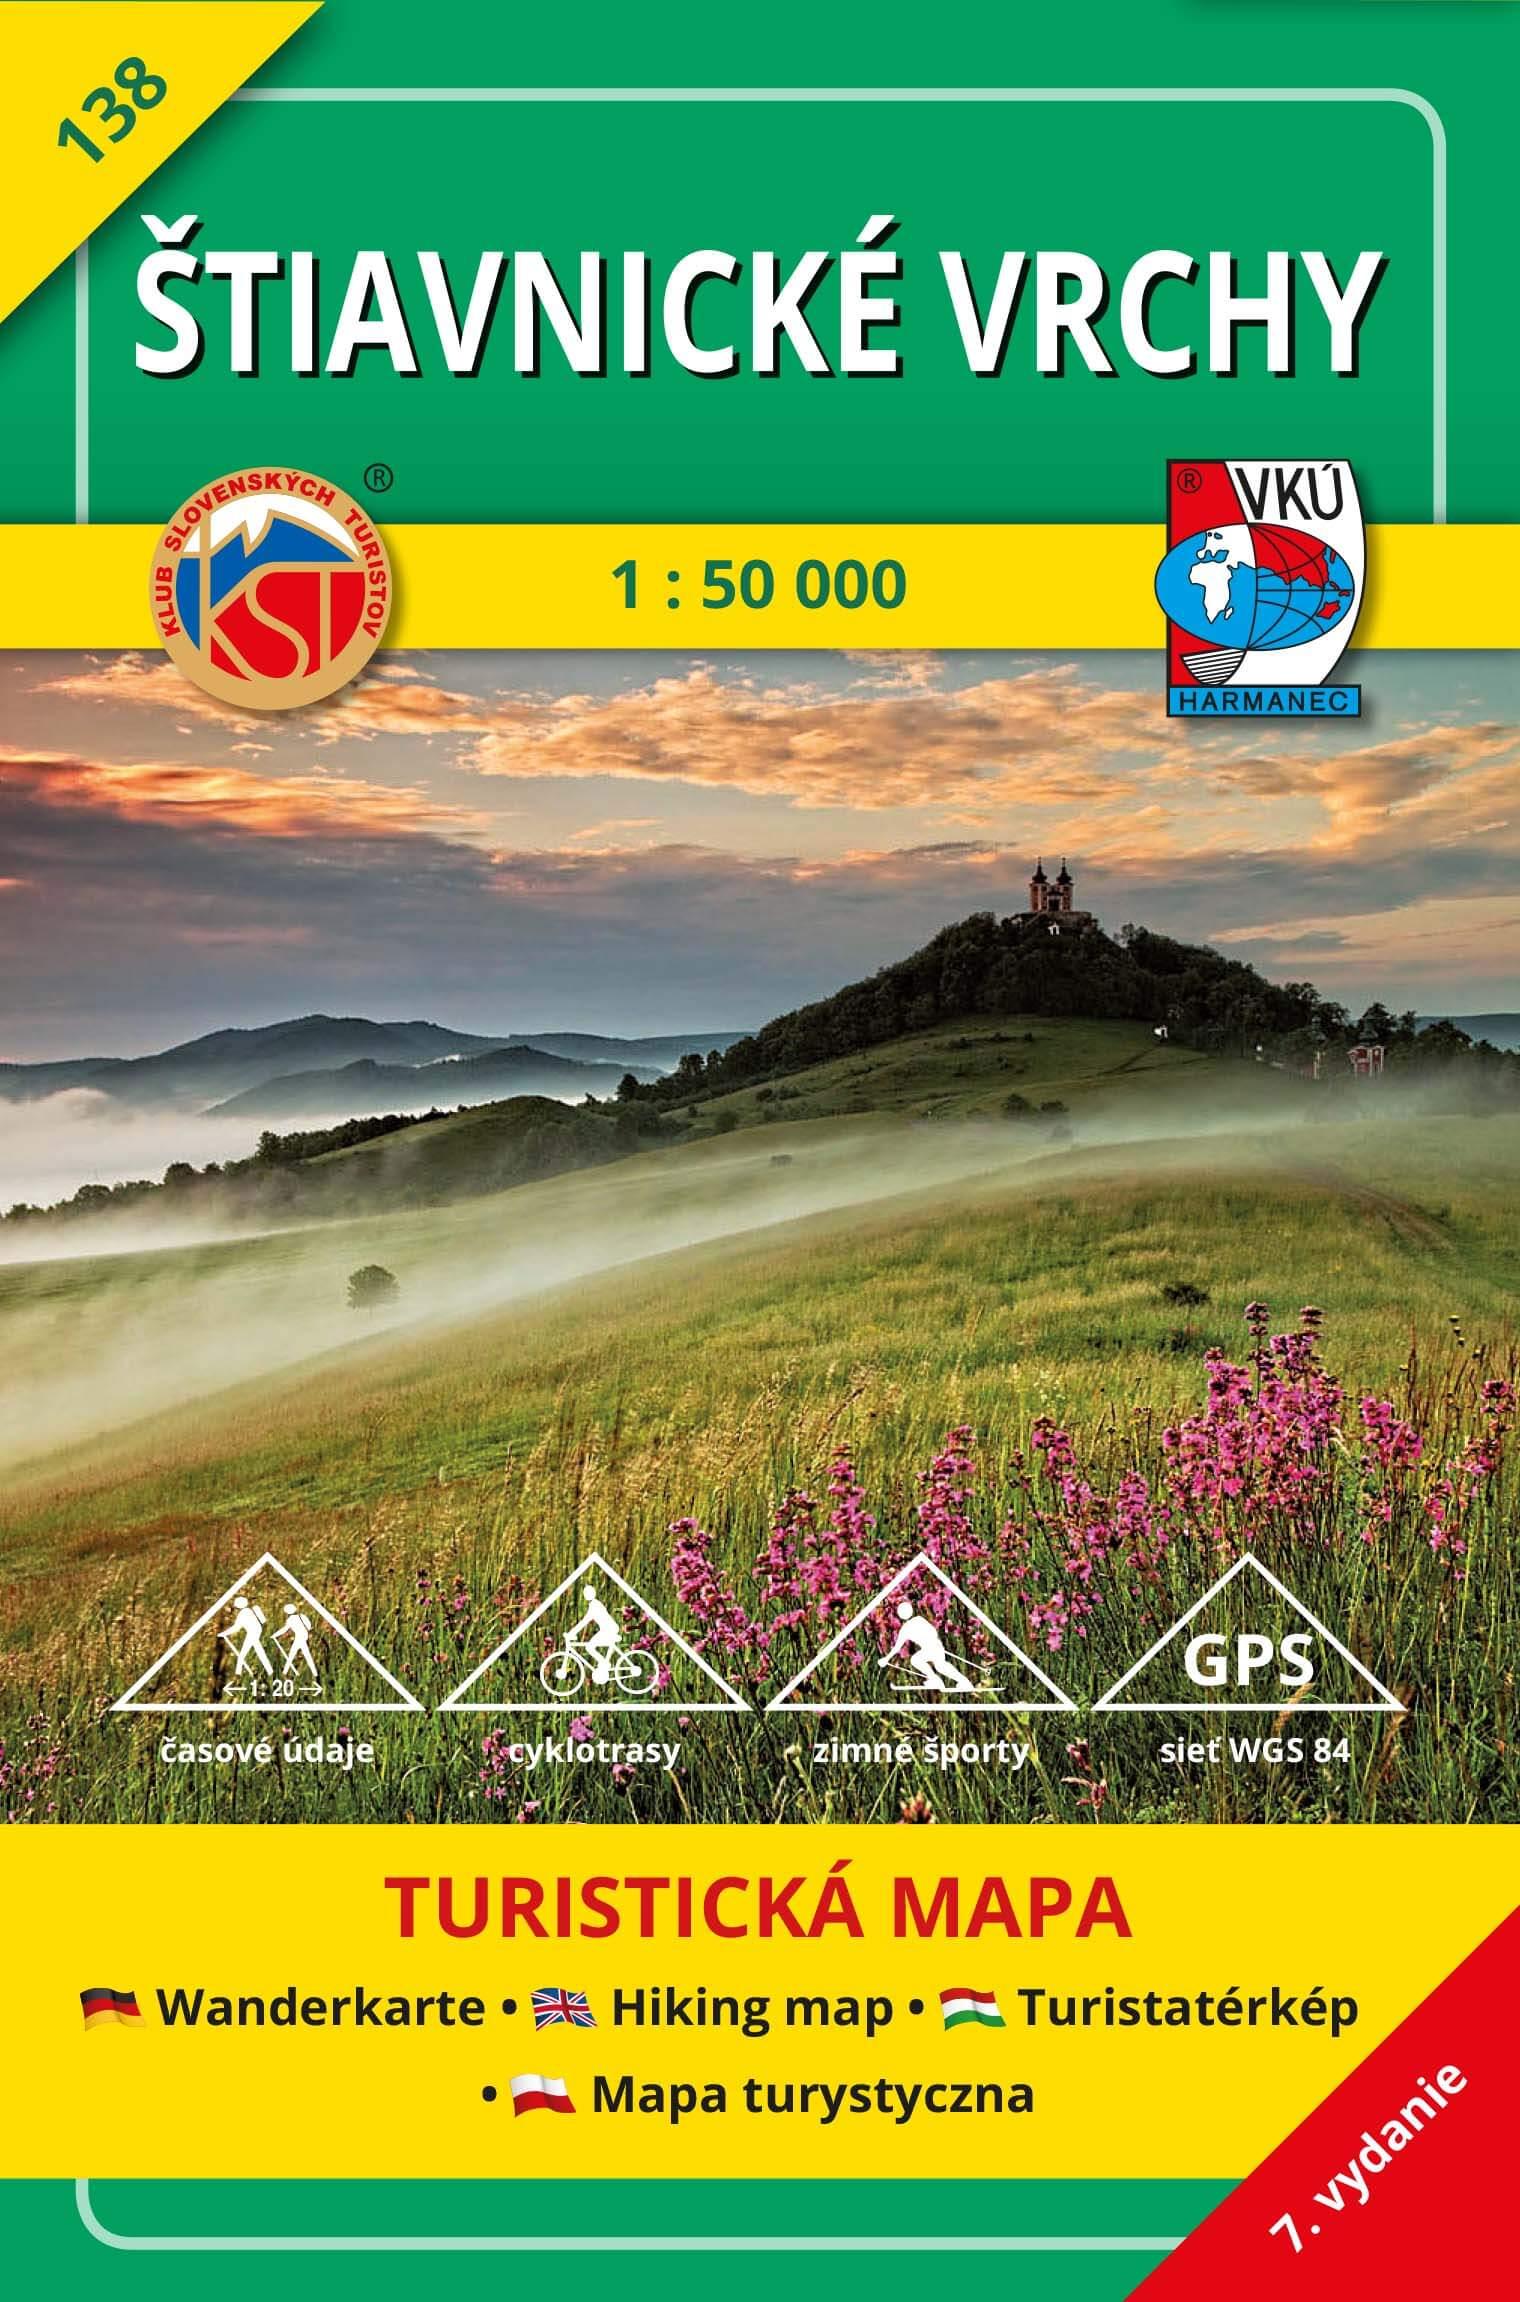 VKÚ Harmanec Turistická mapa Štiavnické vrchy 1:50 000 TM 138